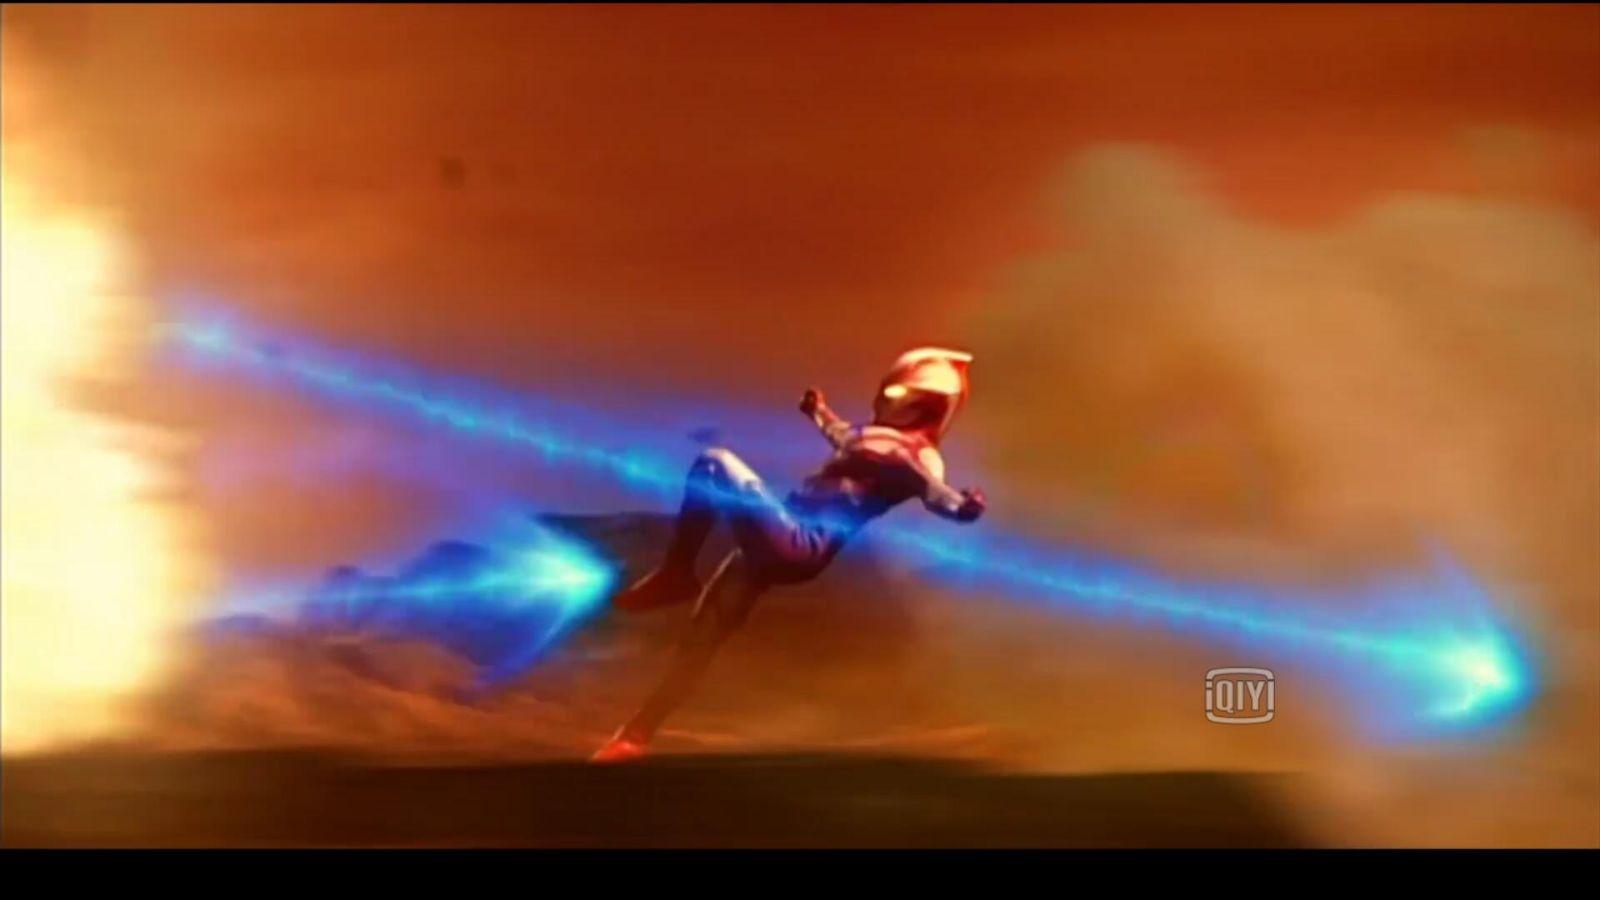 奥特曼壁纸 奥特曼大电影 宇宙英雄之超银河传说的图片19